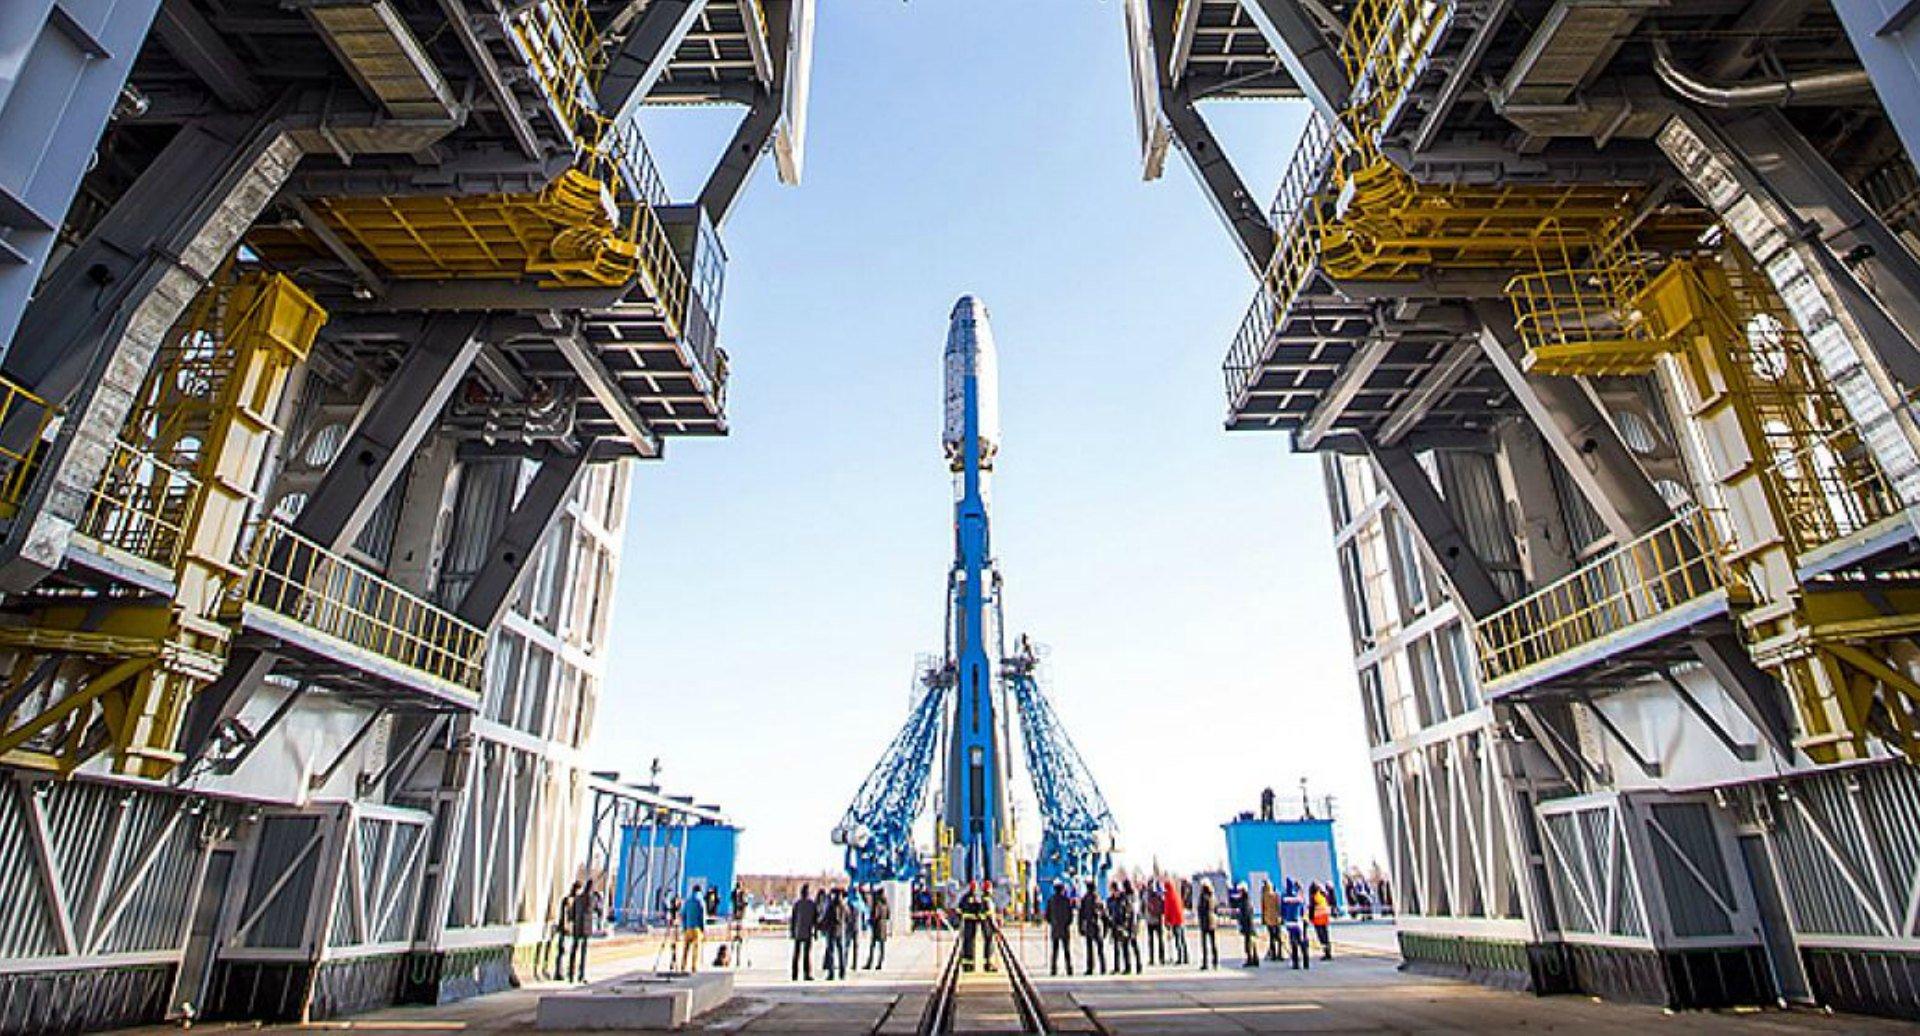 Космодром «Восточный» подготовили кдвум новым пускам в этом году